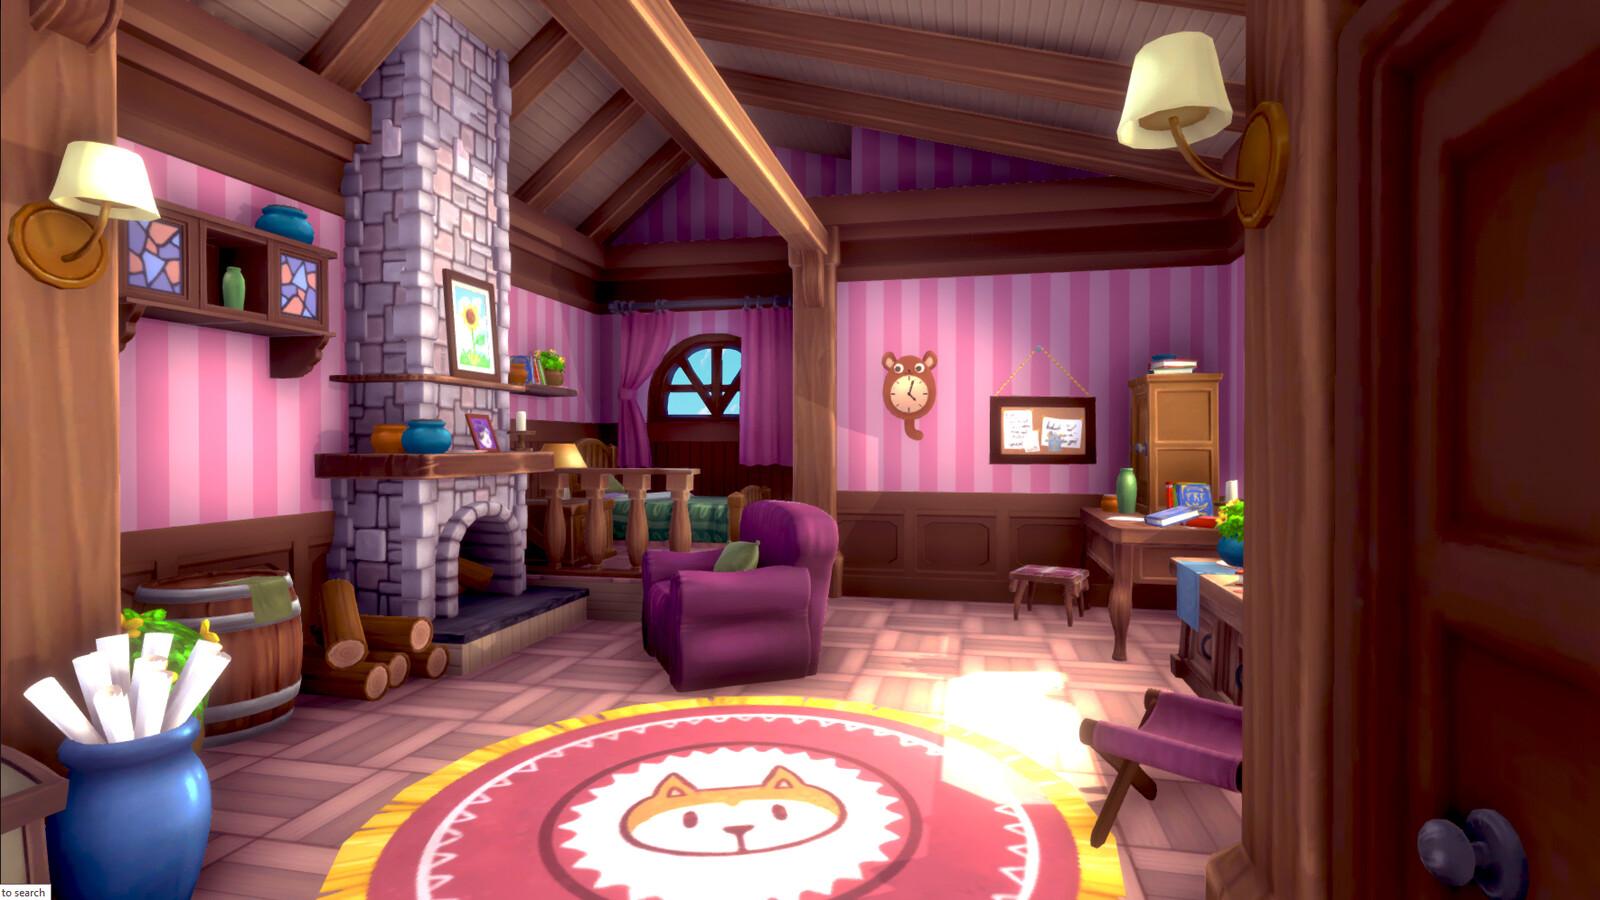 A Cute Room